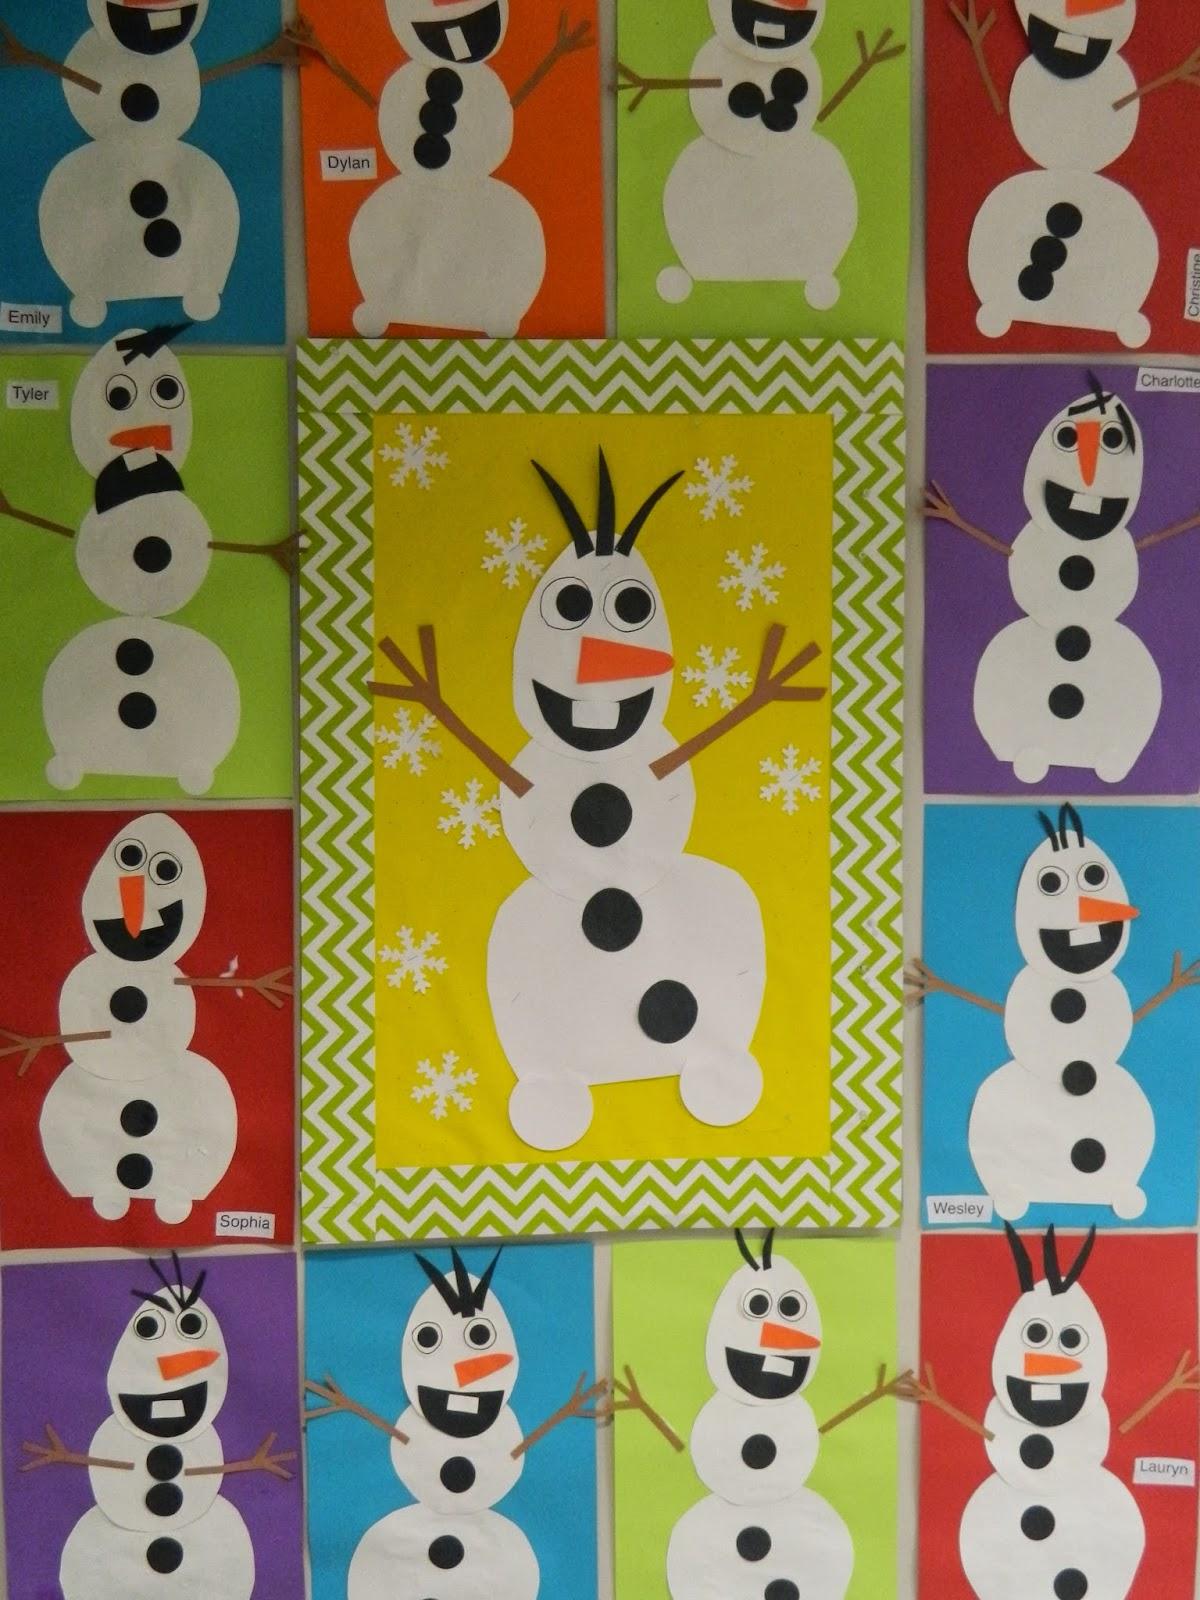 Weihnachtskarten Basteln Mit Kleinkindern.Weihnachtskarten Basteln Mit Kleinkindern